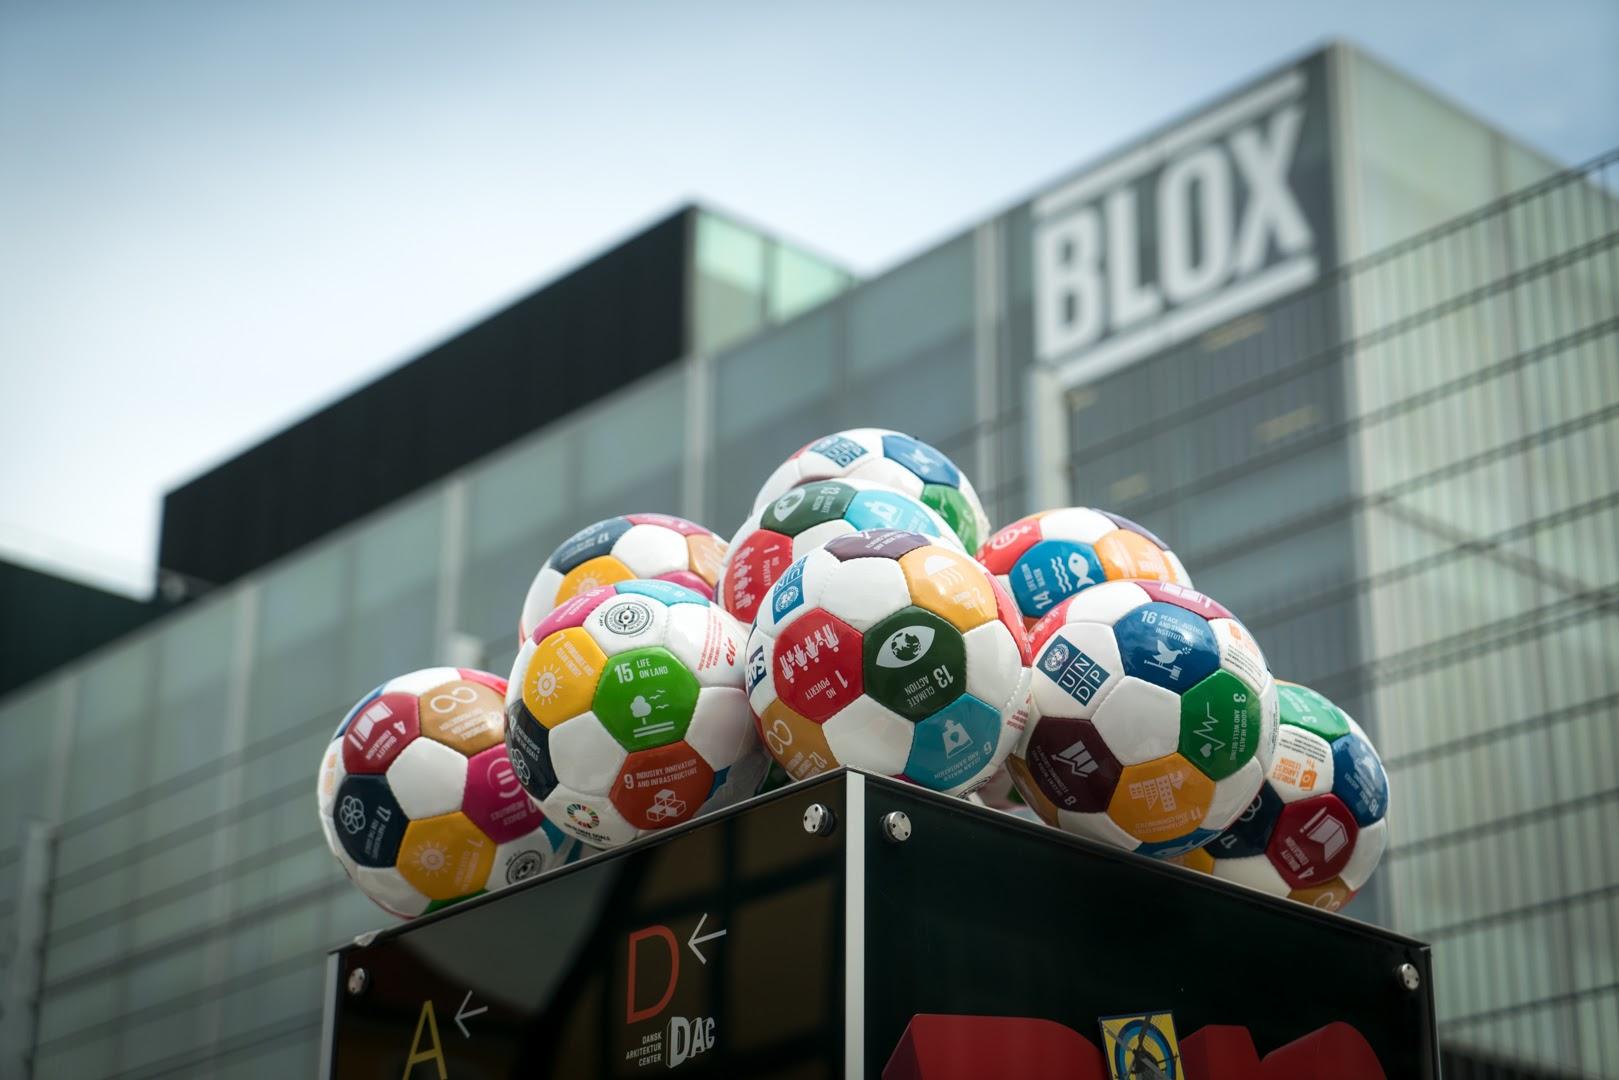 Og vinderne af Verdensmålsquizzen i BLOX er …